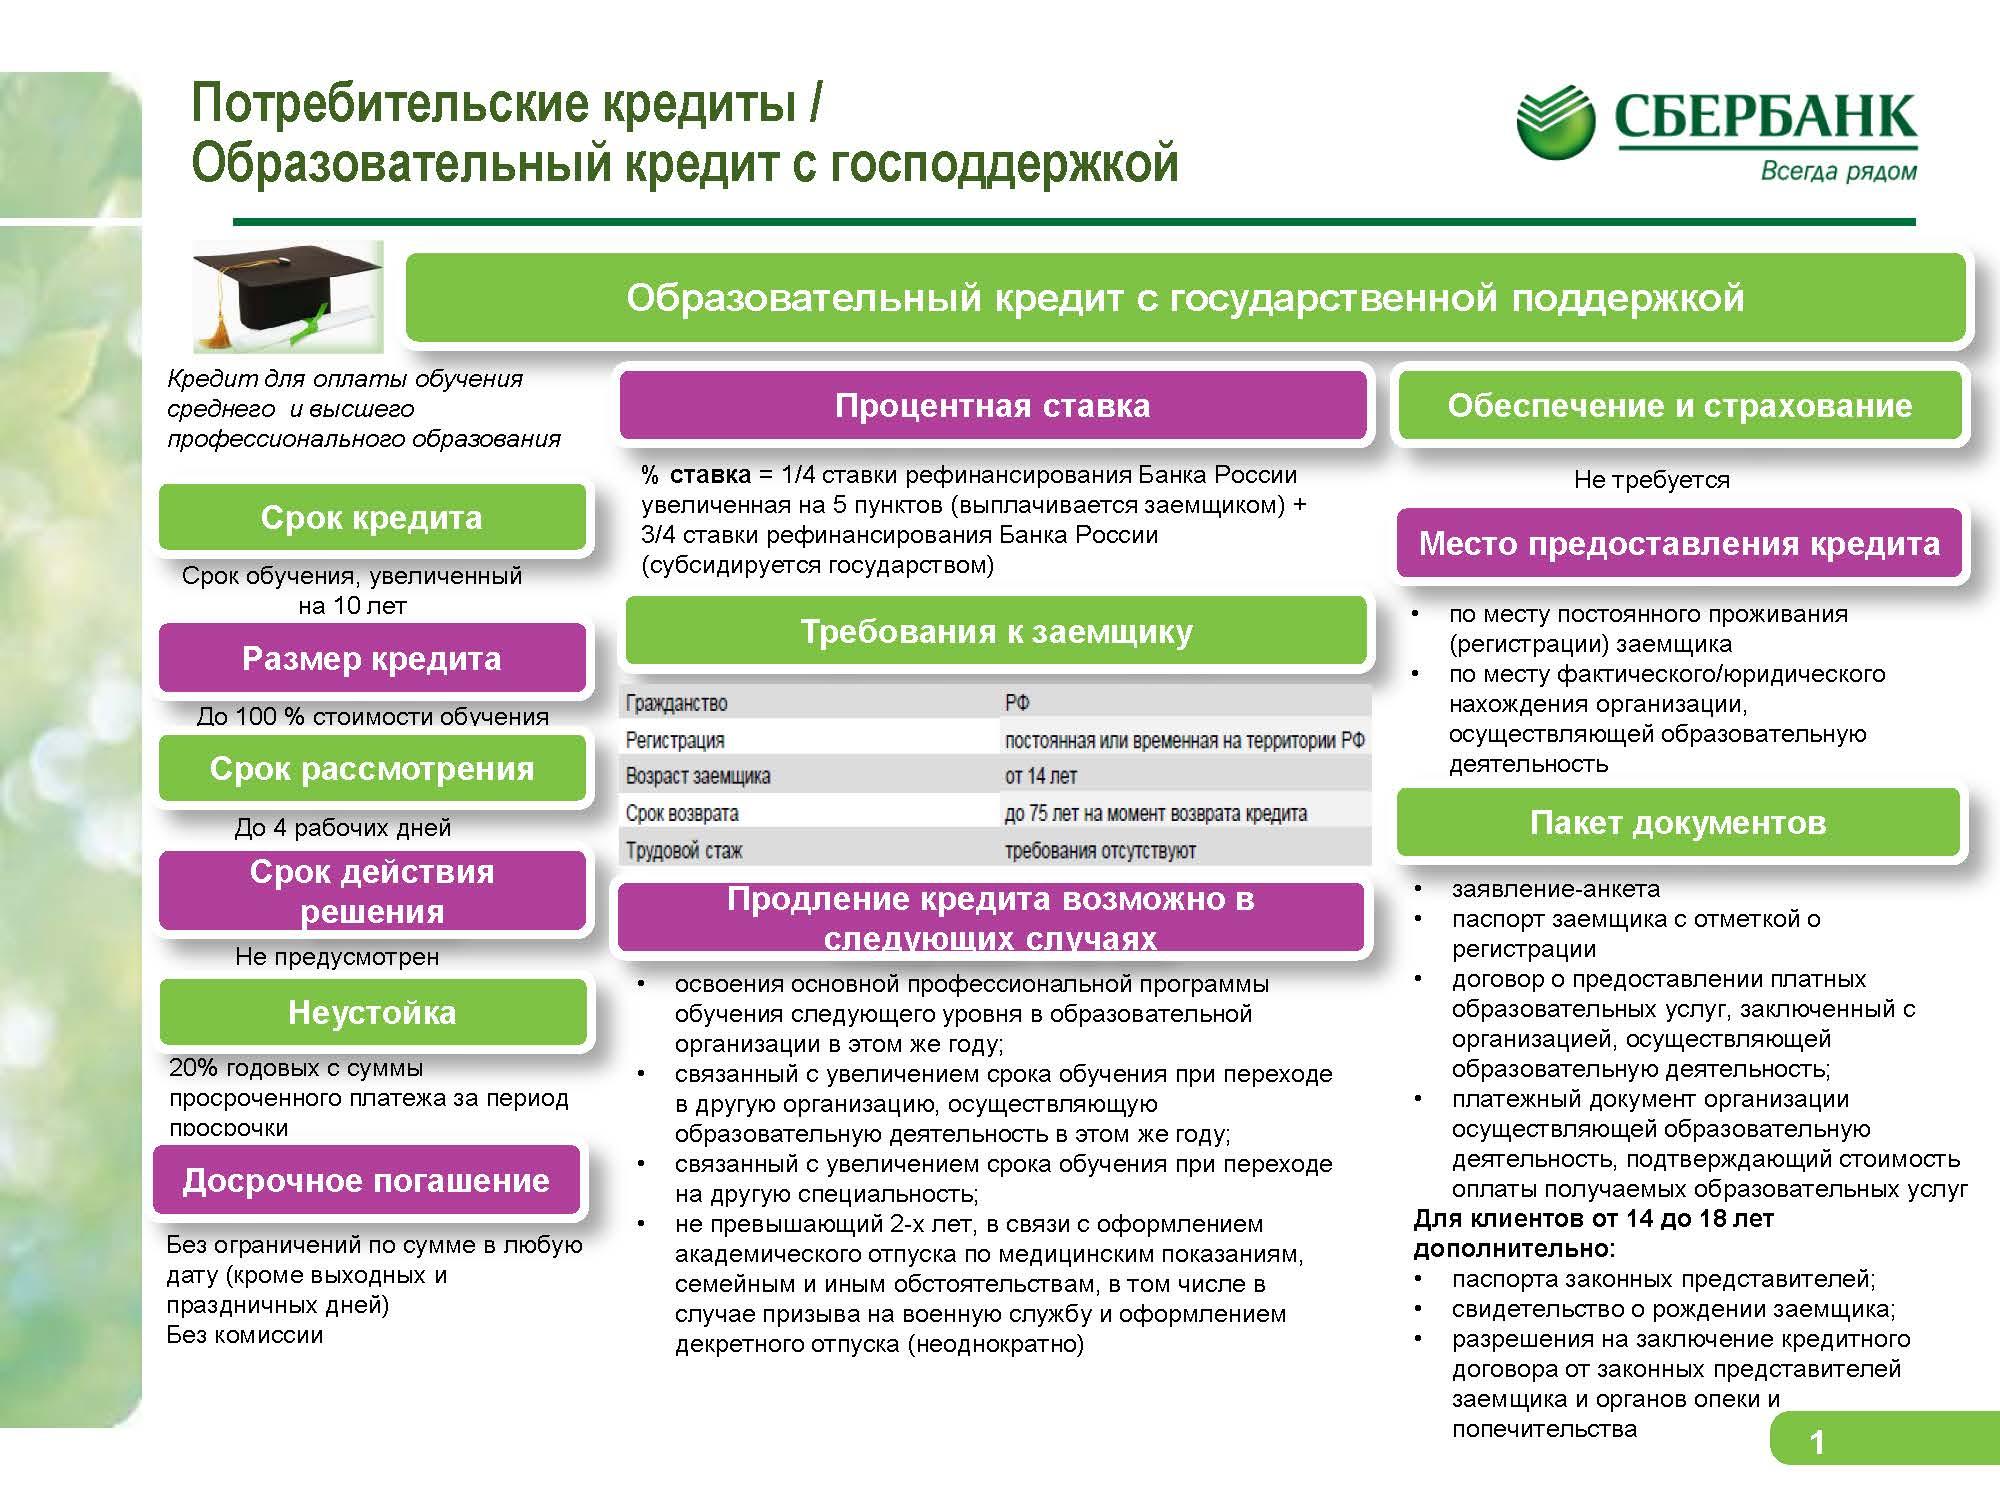 Инфографика Обр кредит